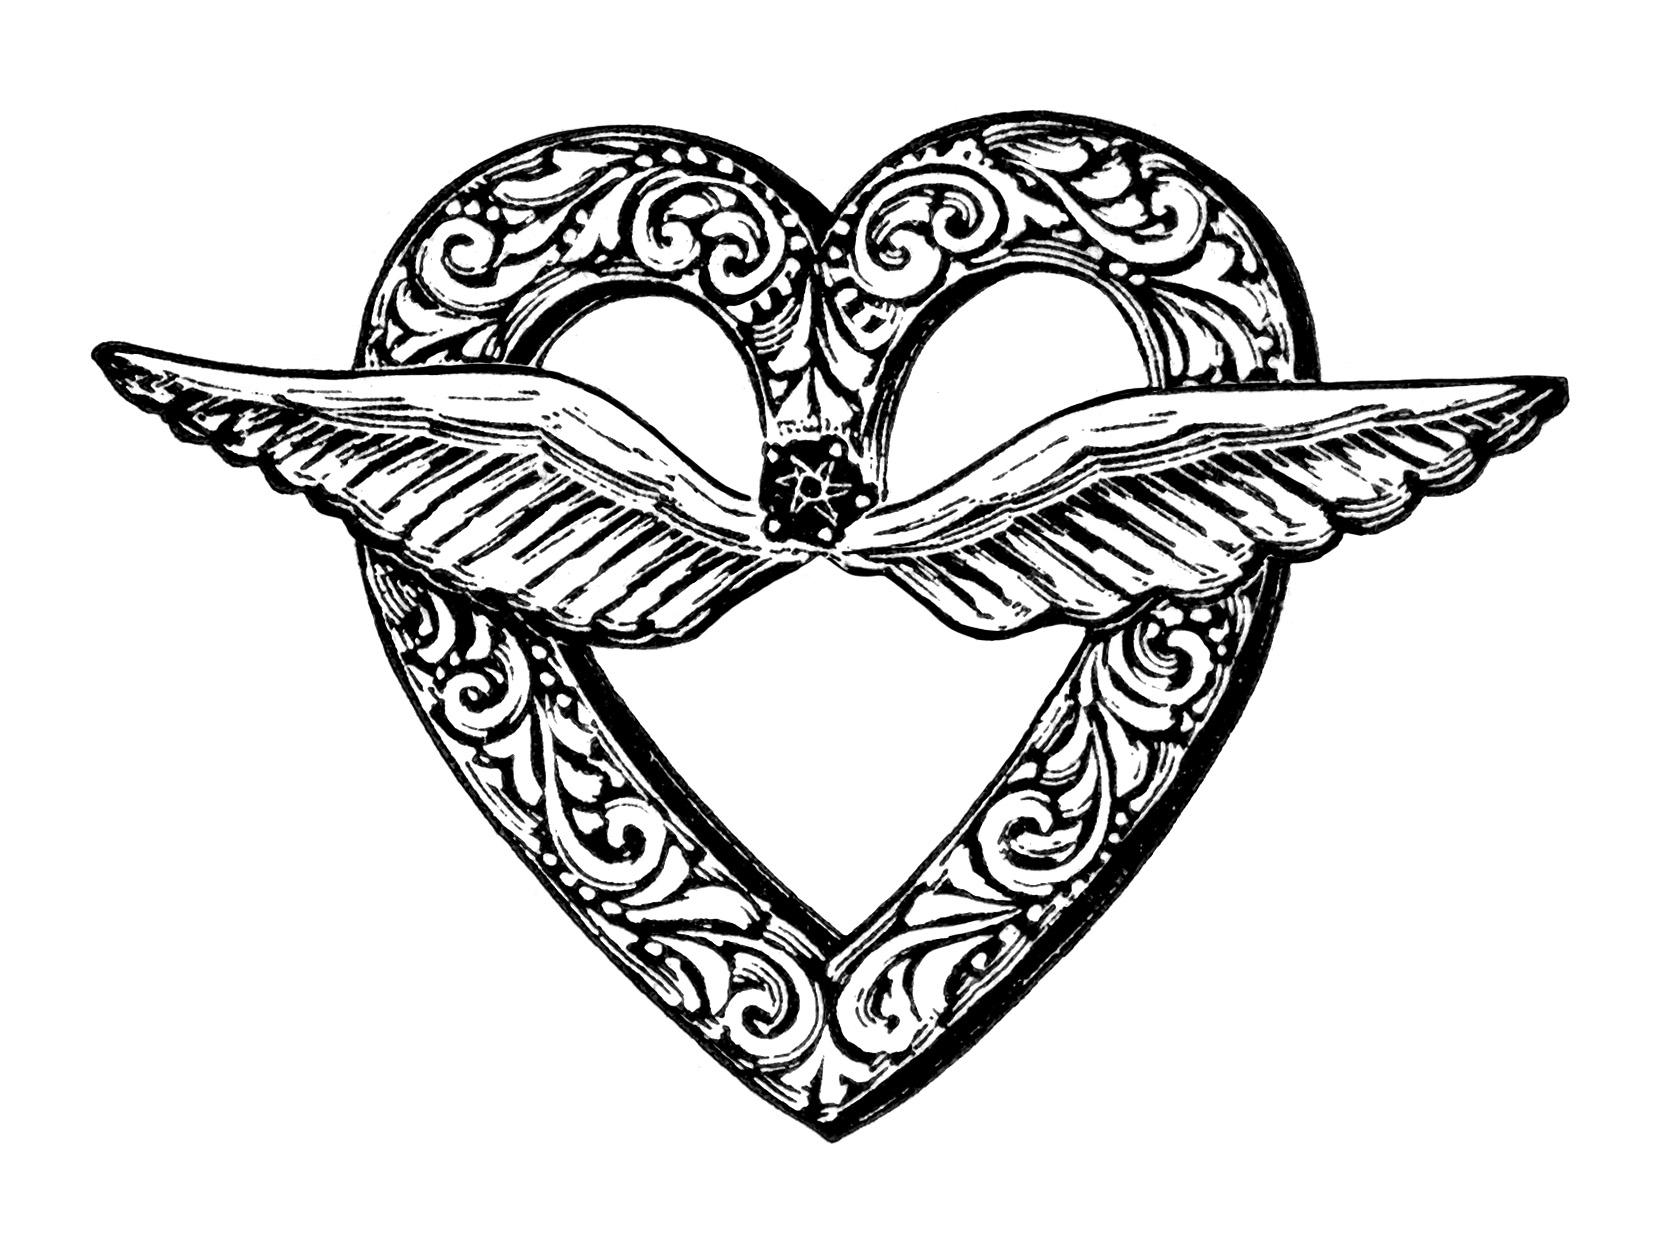 Heart Shaped Brooch Clip Art